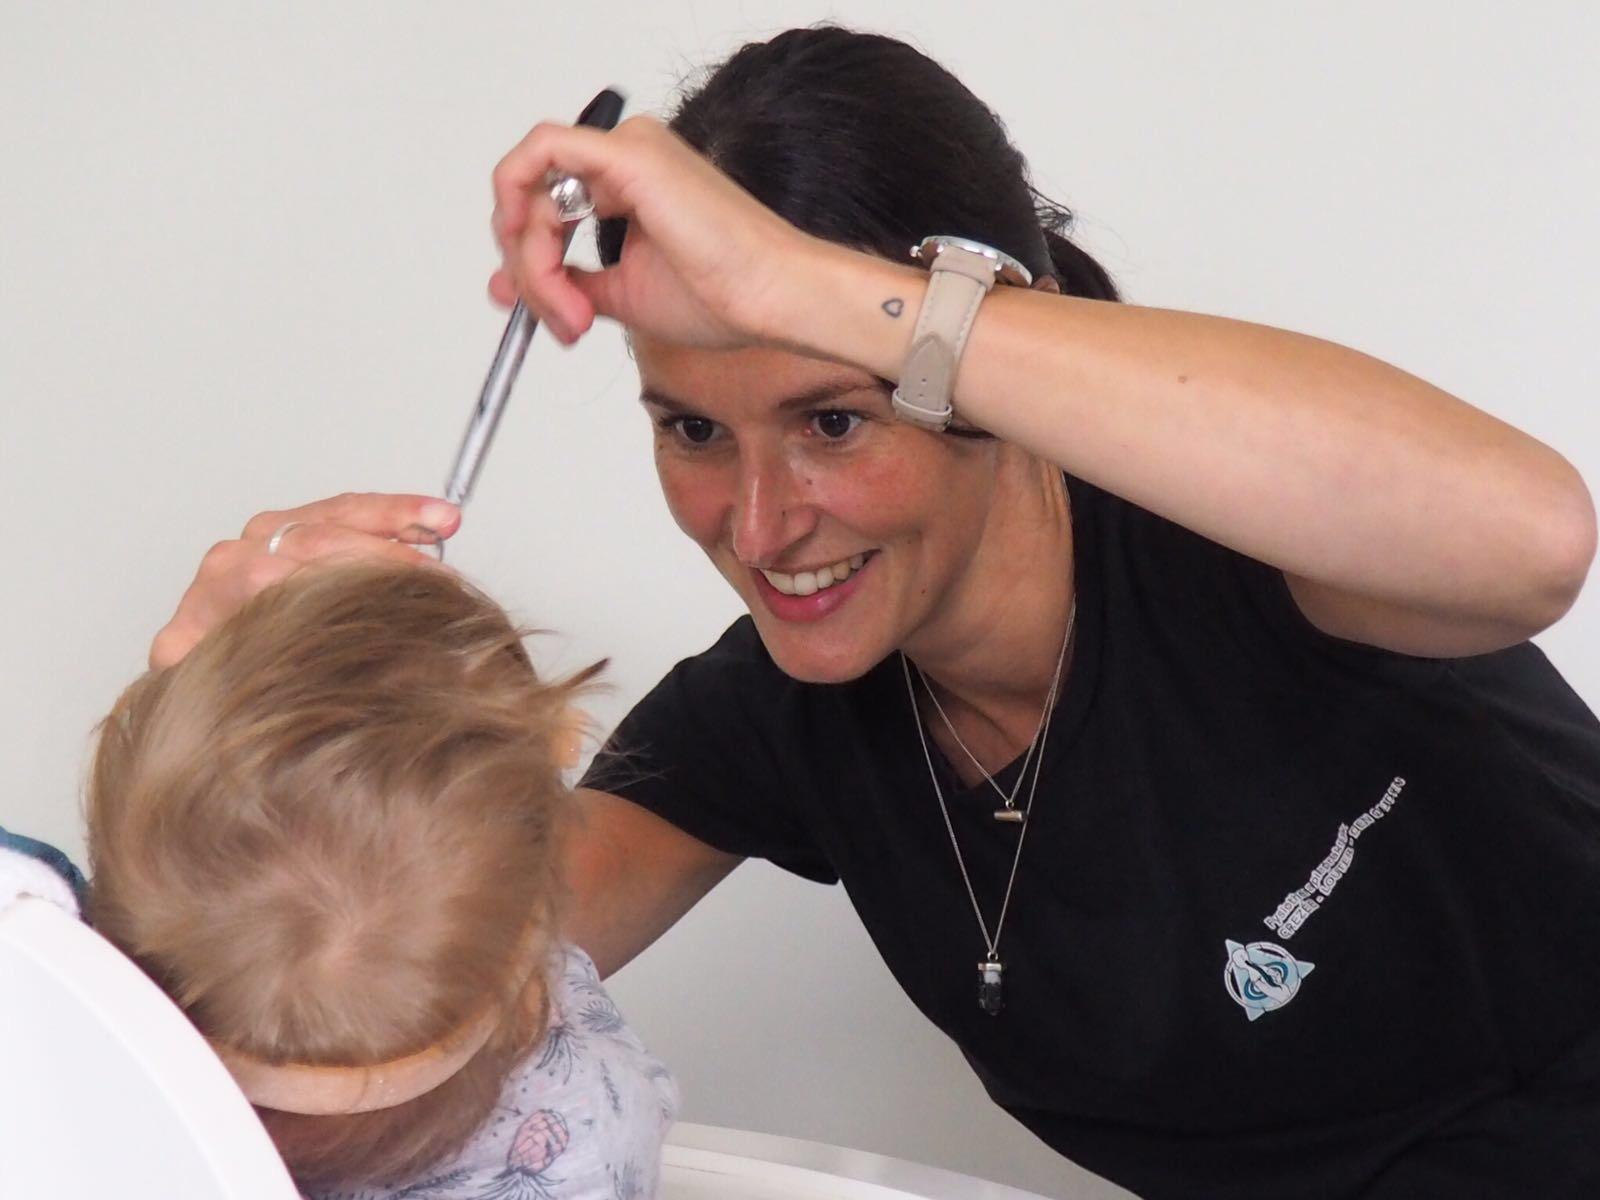 Fysiotherapie Ridderkerk: Kinder fysiotherapie